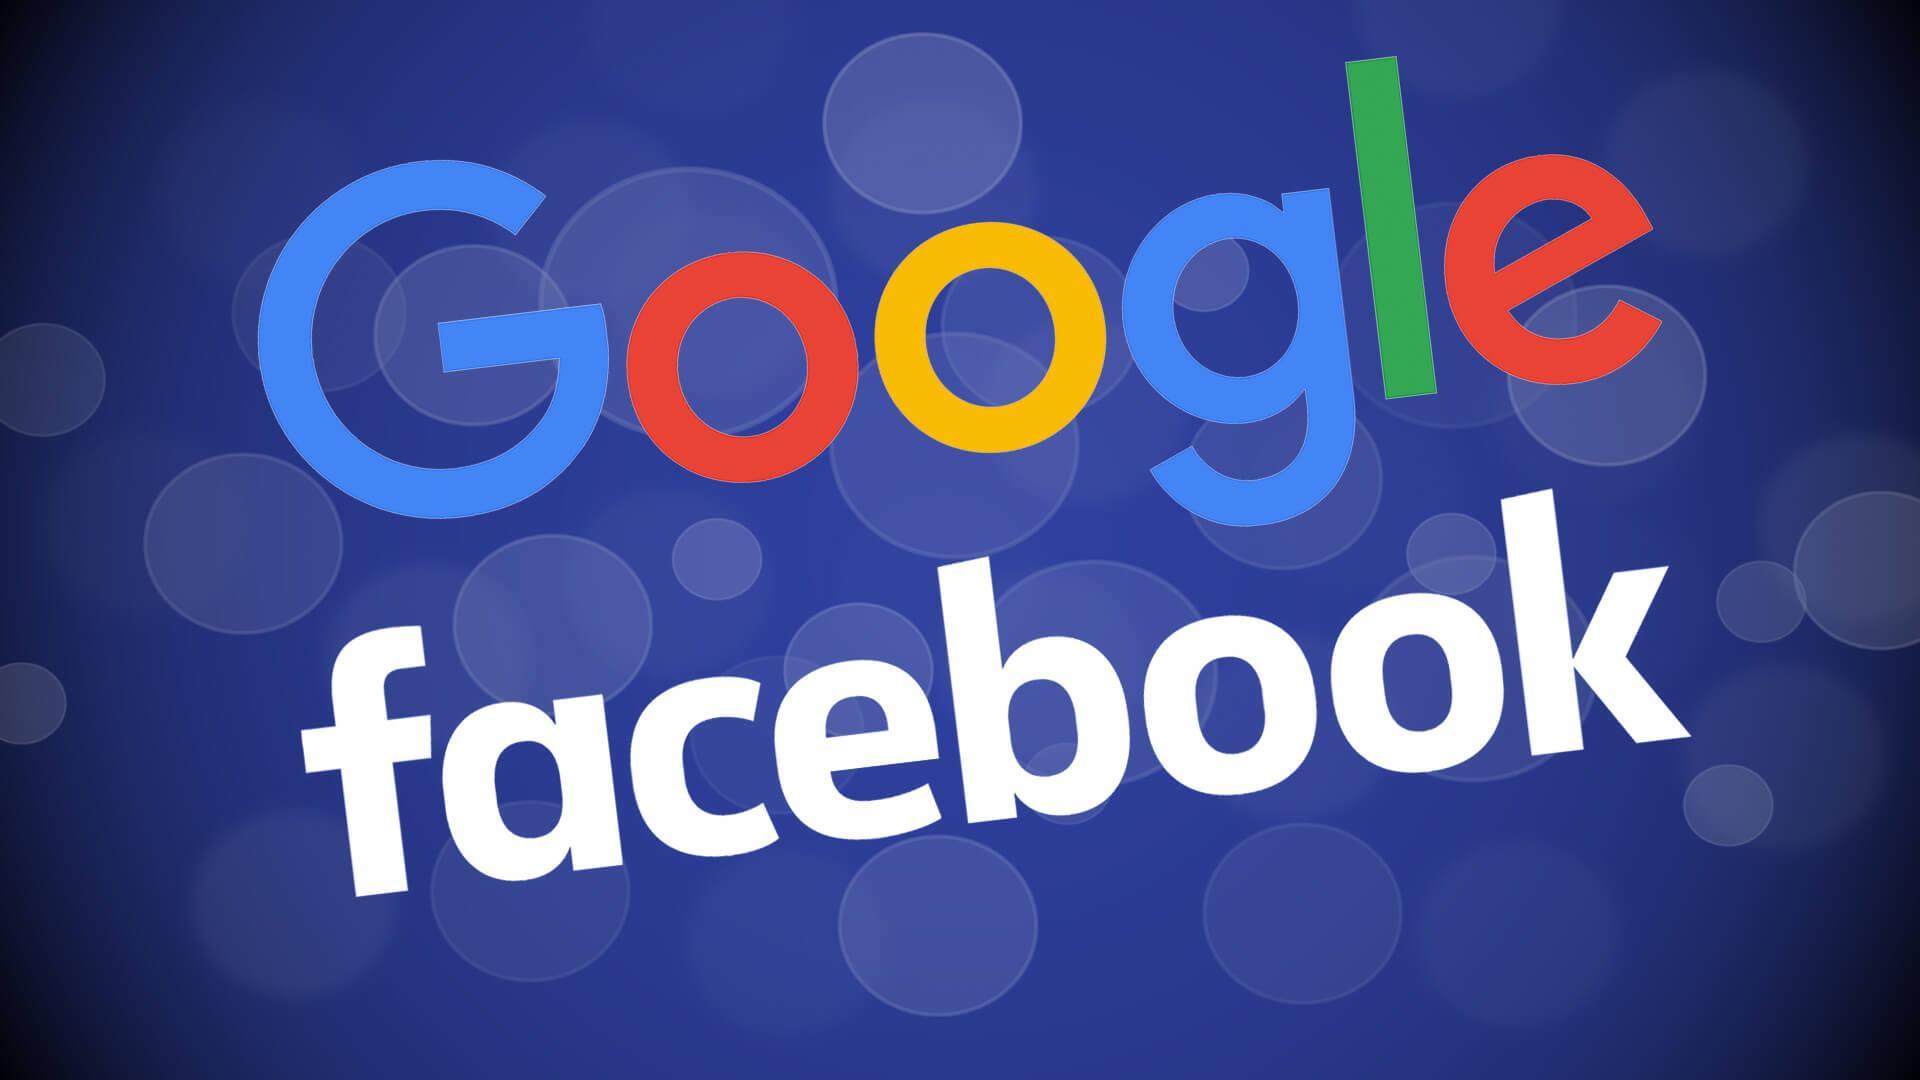 googlefacebooknew61920 [HOT NEWS]Tài khoản Facebook có tích xanh mới được phép Livestream?